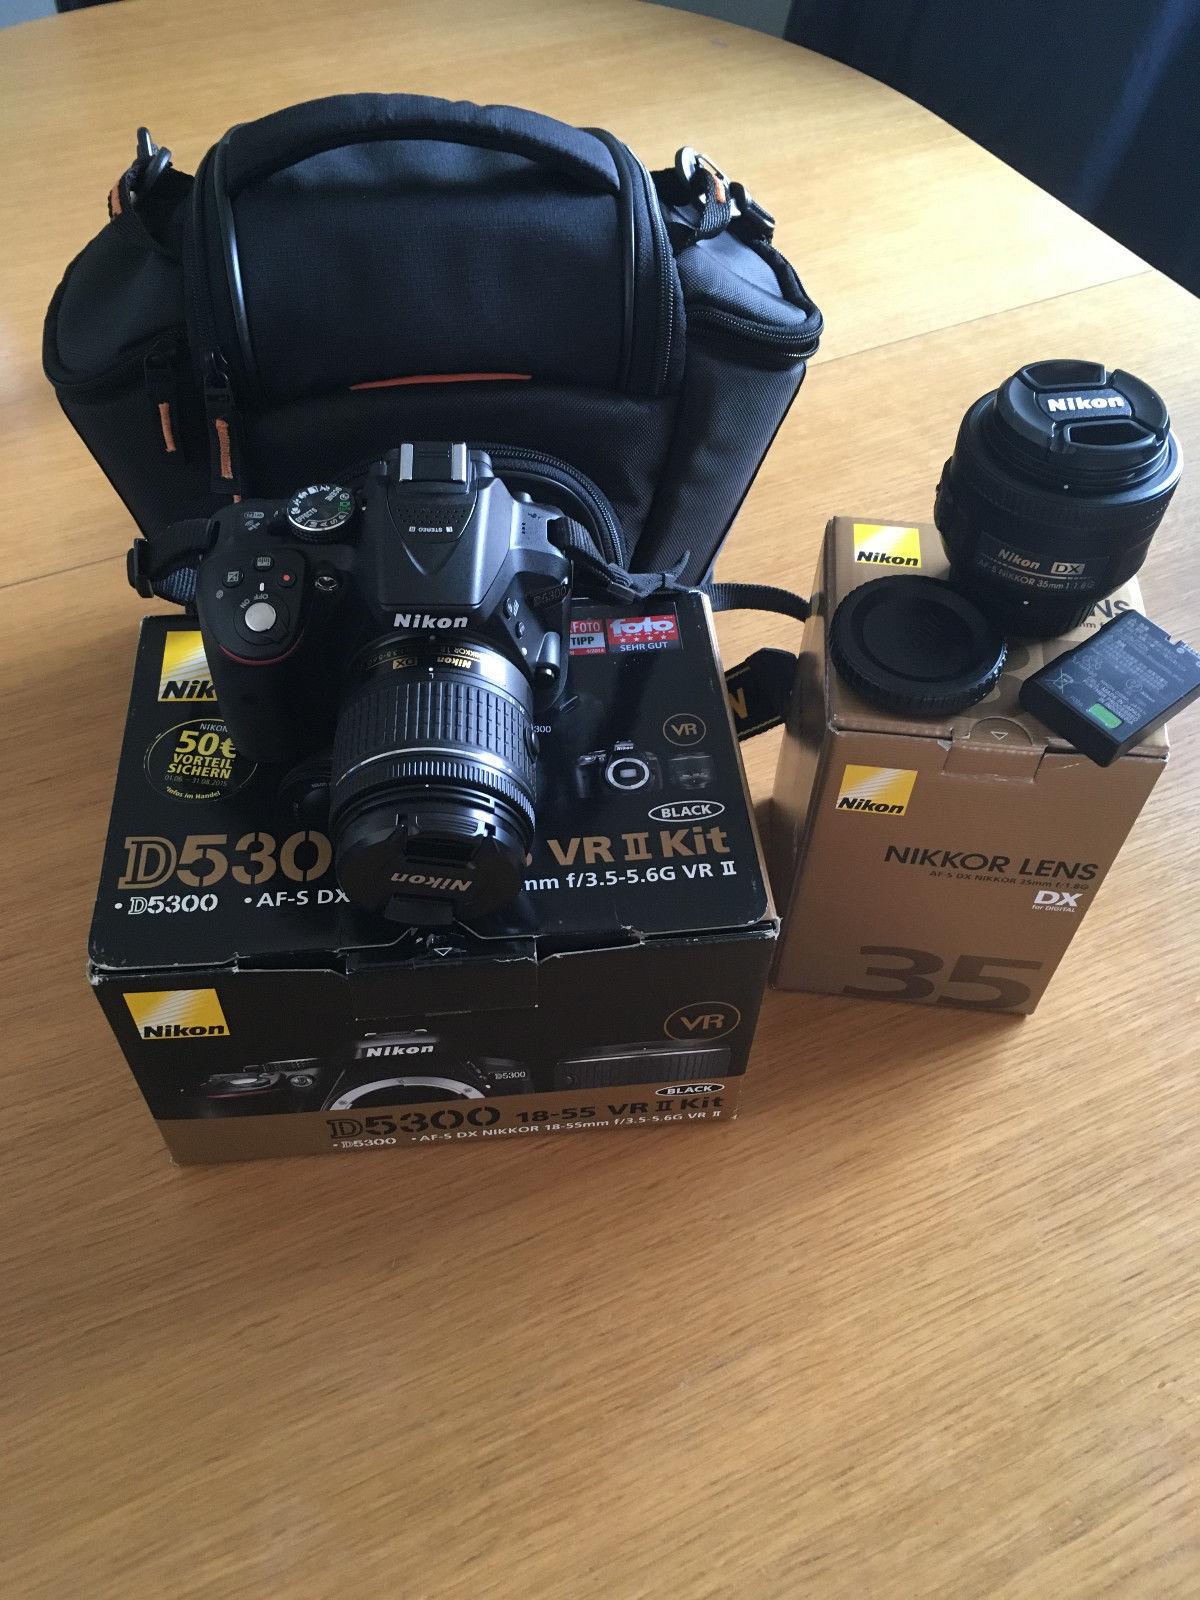 Nikon D D5300 24.2 MP SLR-Digitalkamera - Schwarz (Kit m/ AF-S DX 18-105mm f/3.5